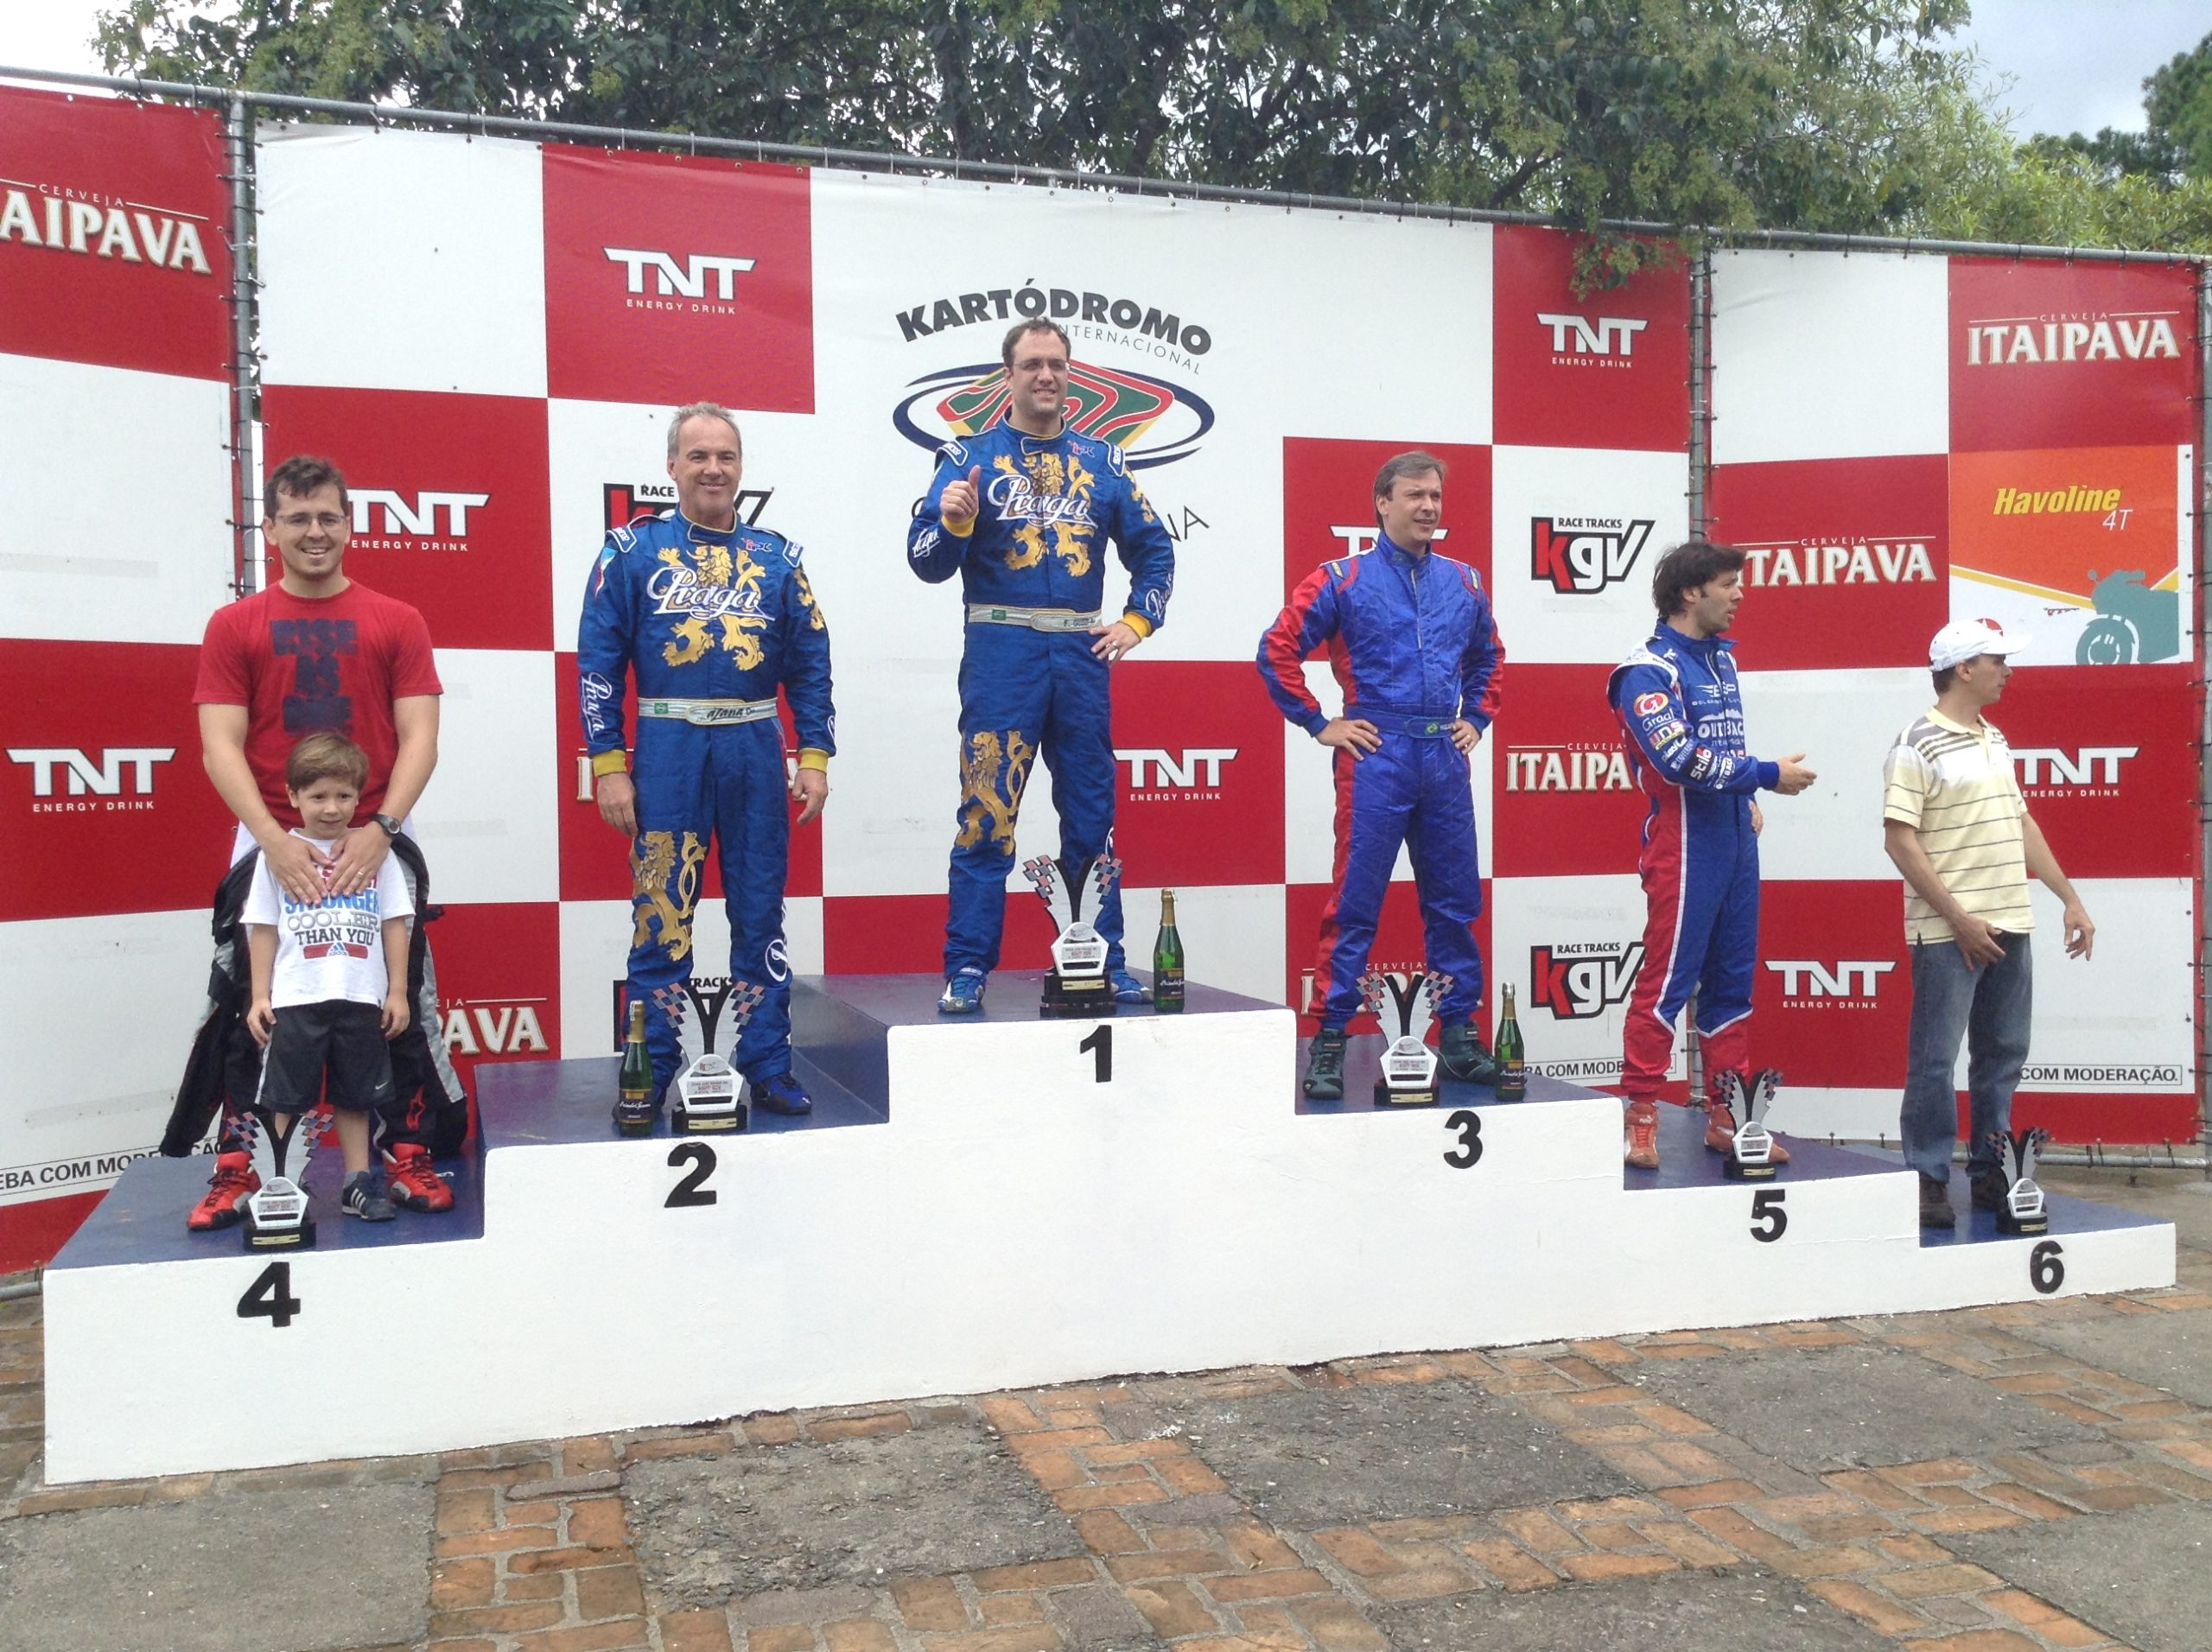 2º race in Brasil - 22/03/2014 - Copa São Paulo Karting Granja Viana